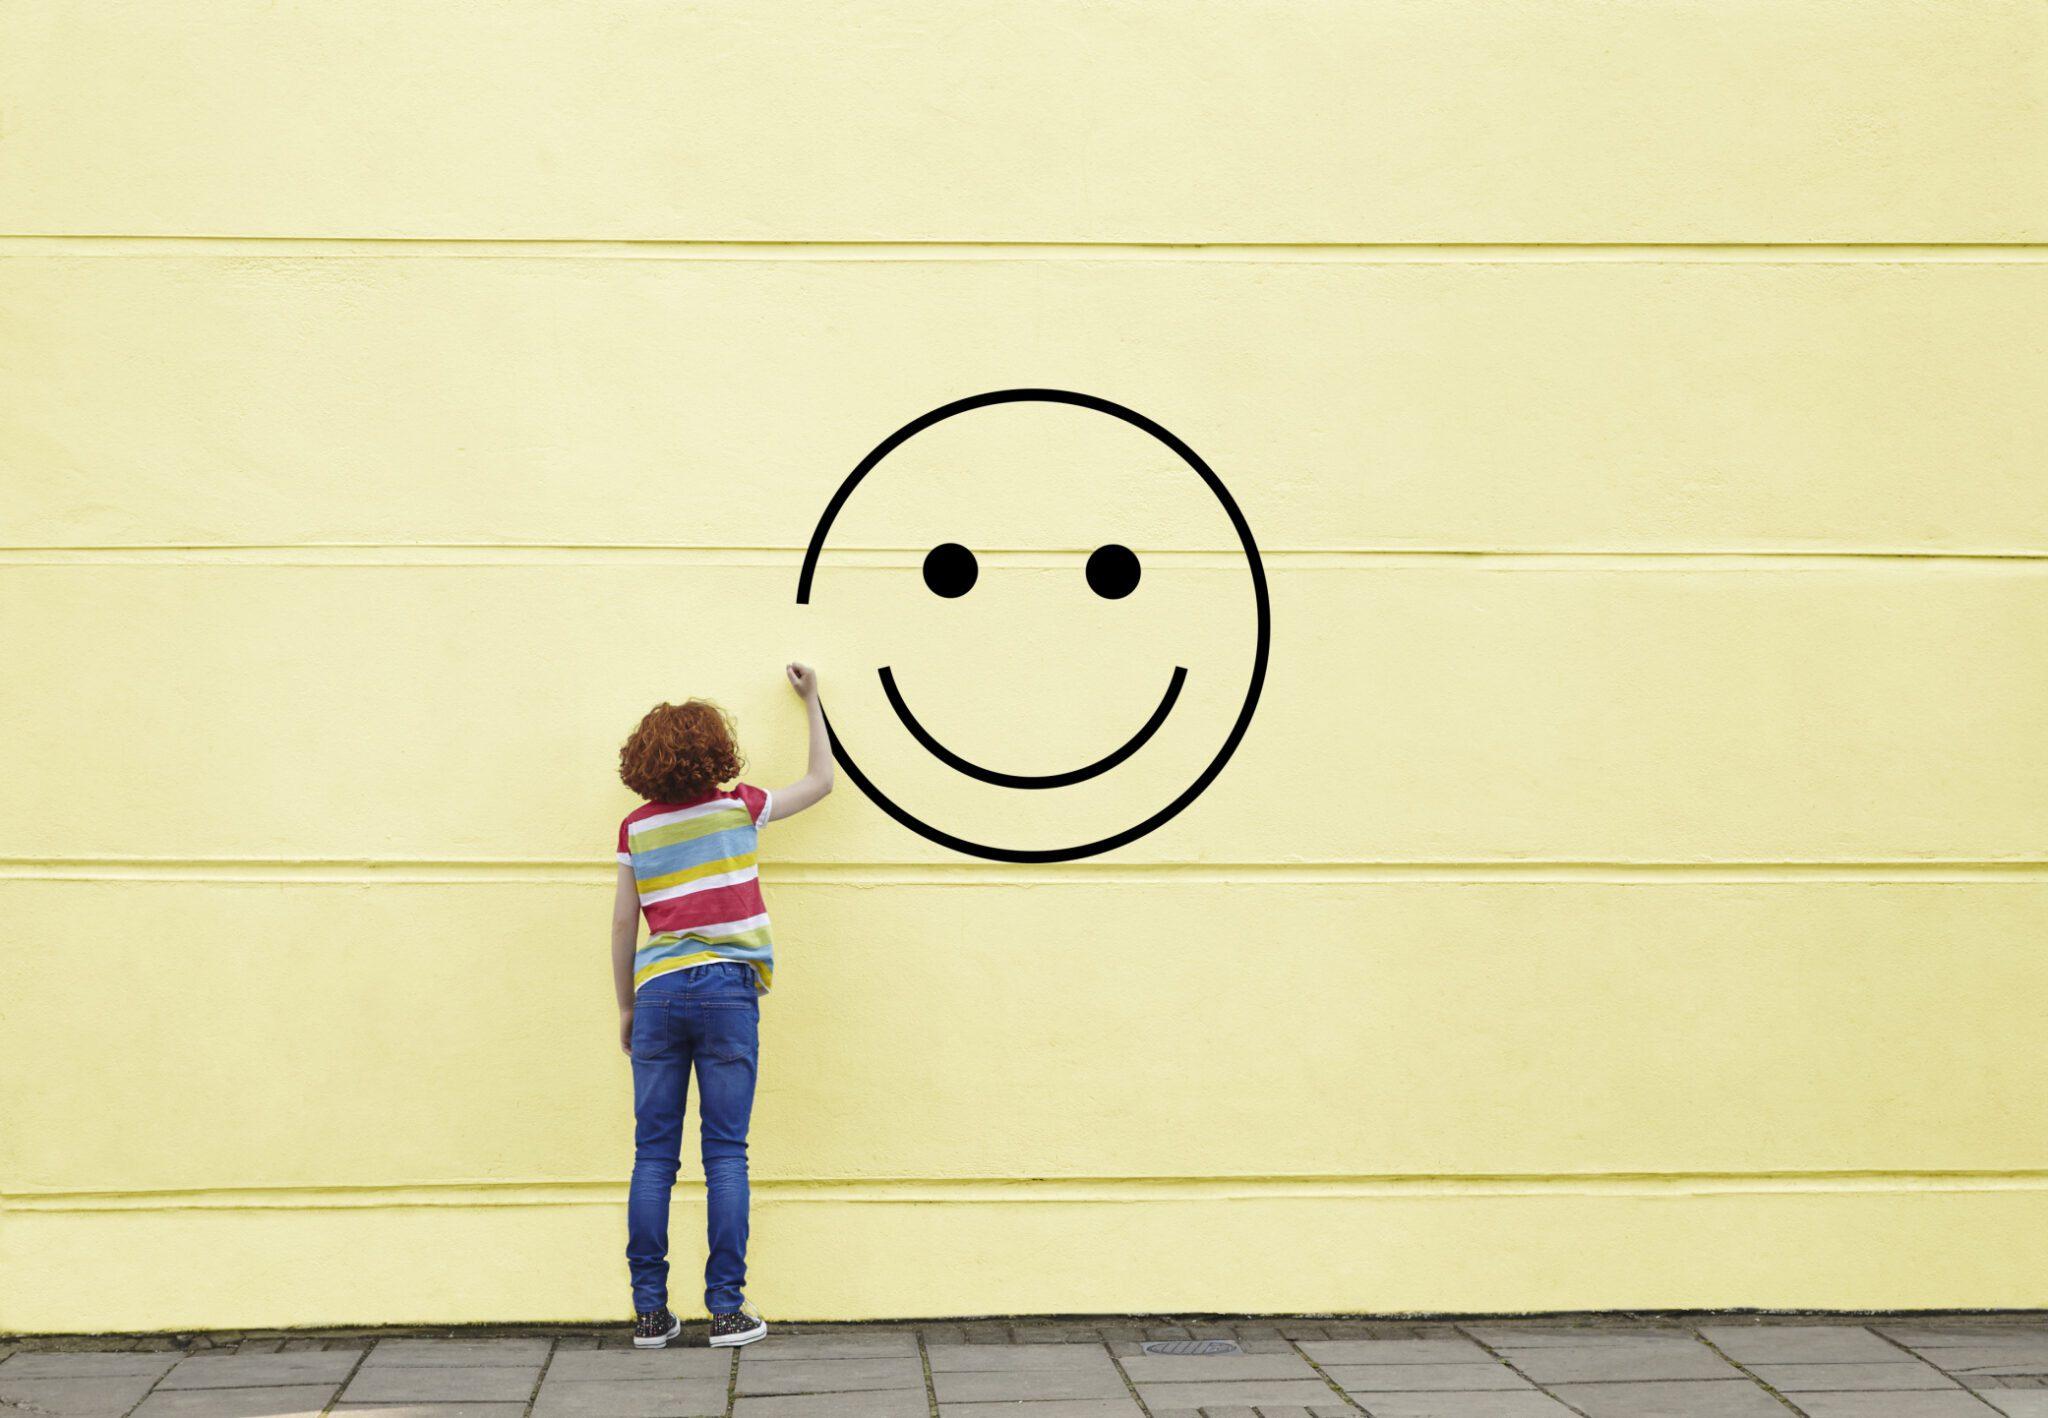 Οι τρεις δείκτες που ορίζουν την ευτυχία